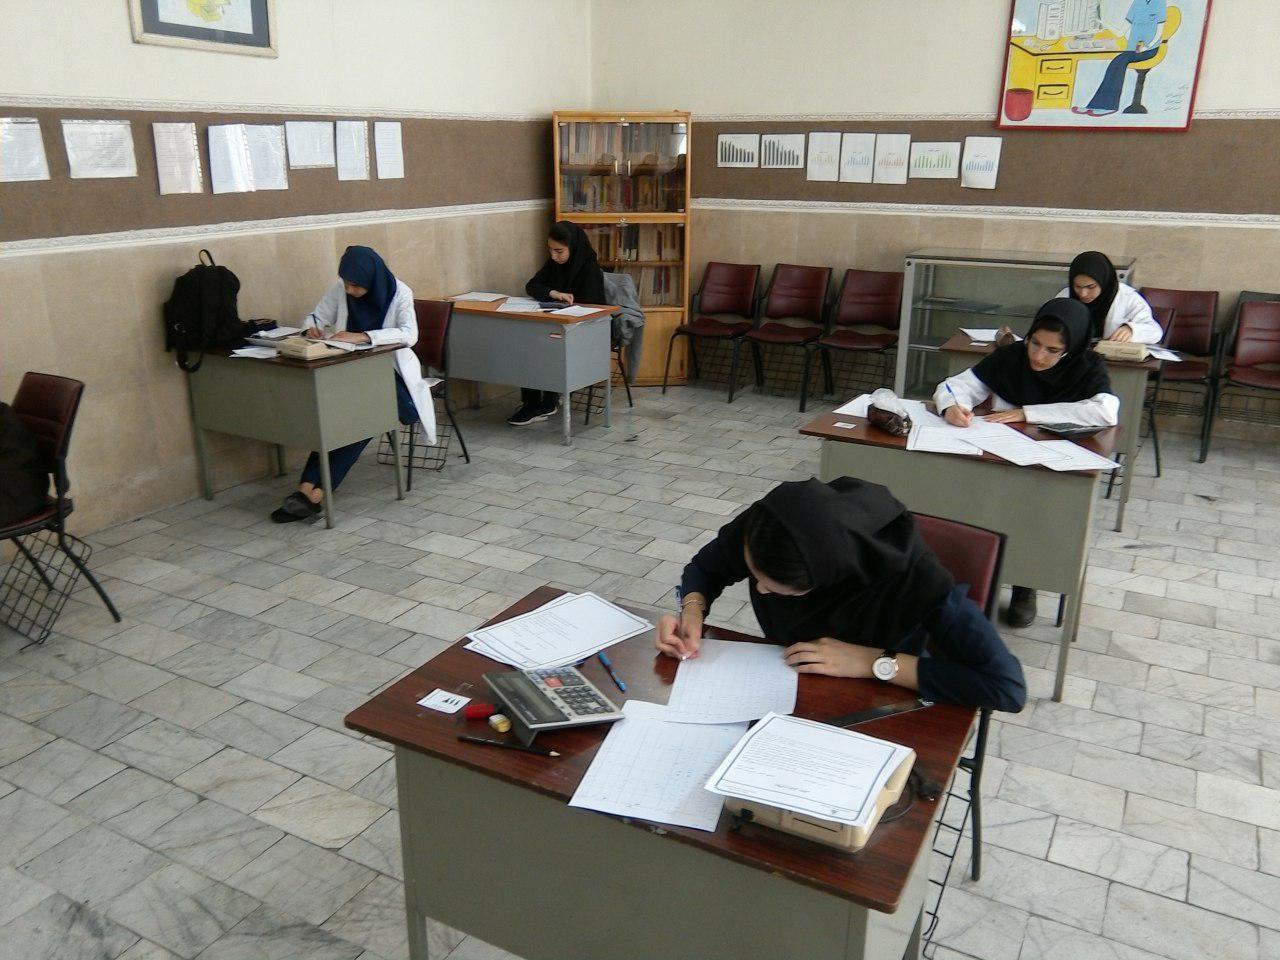 شانزدهمین دوره مسابقههای علمی کاربردی کاردانش برگزار شد